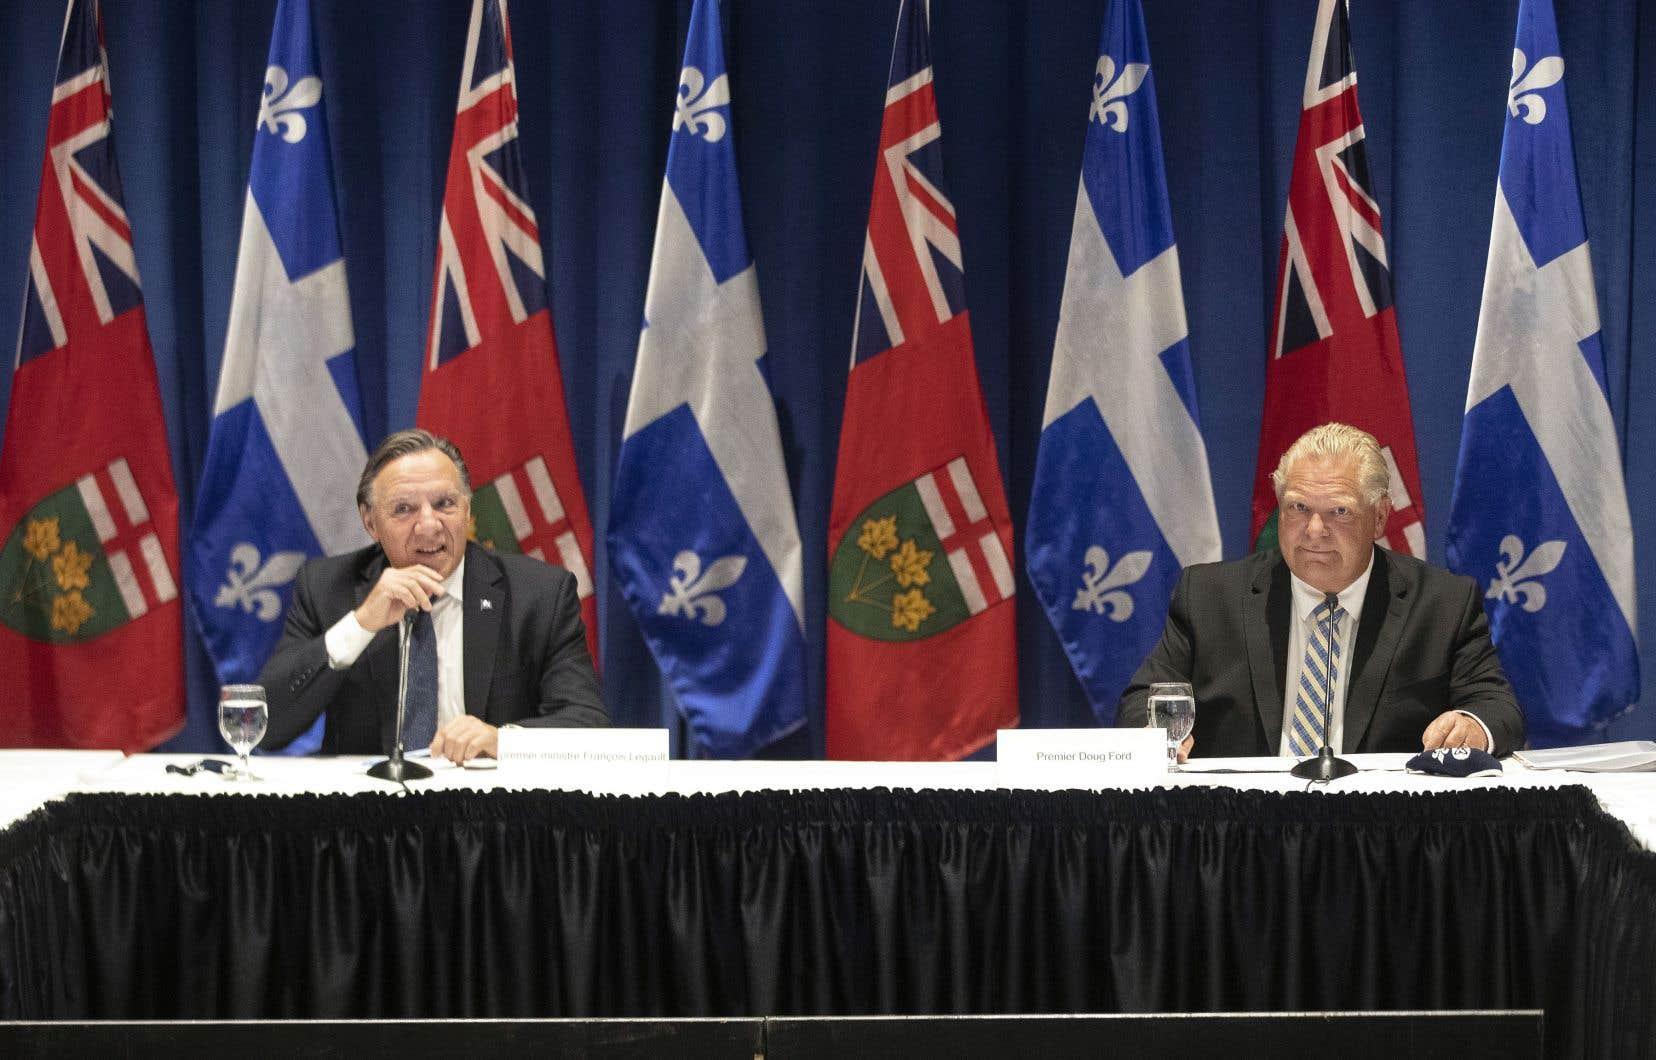 L'Ontario et le Québec sont deux provinces «plus près l'une de l'autre que jamais», a commenté le premier ministre ontarien Doug Ford.